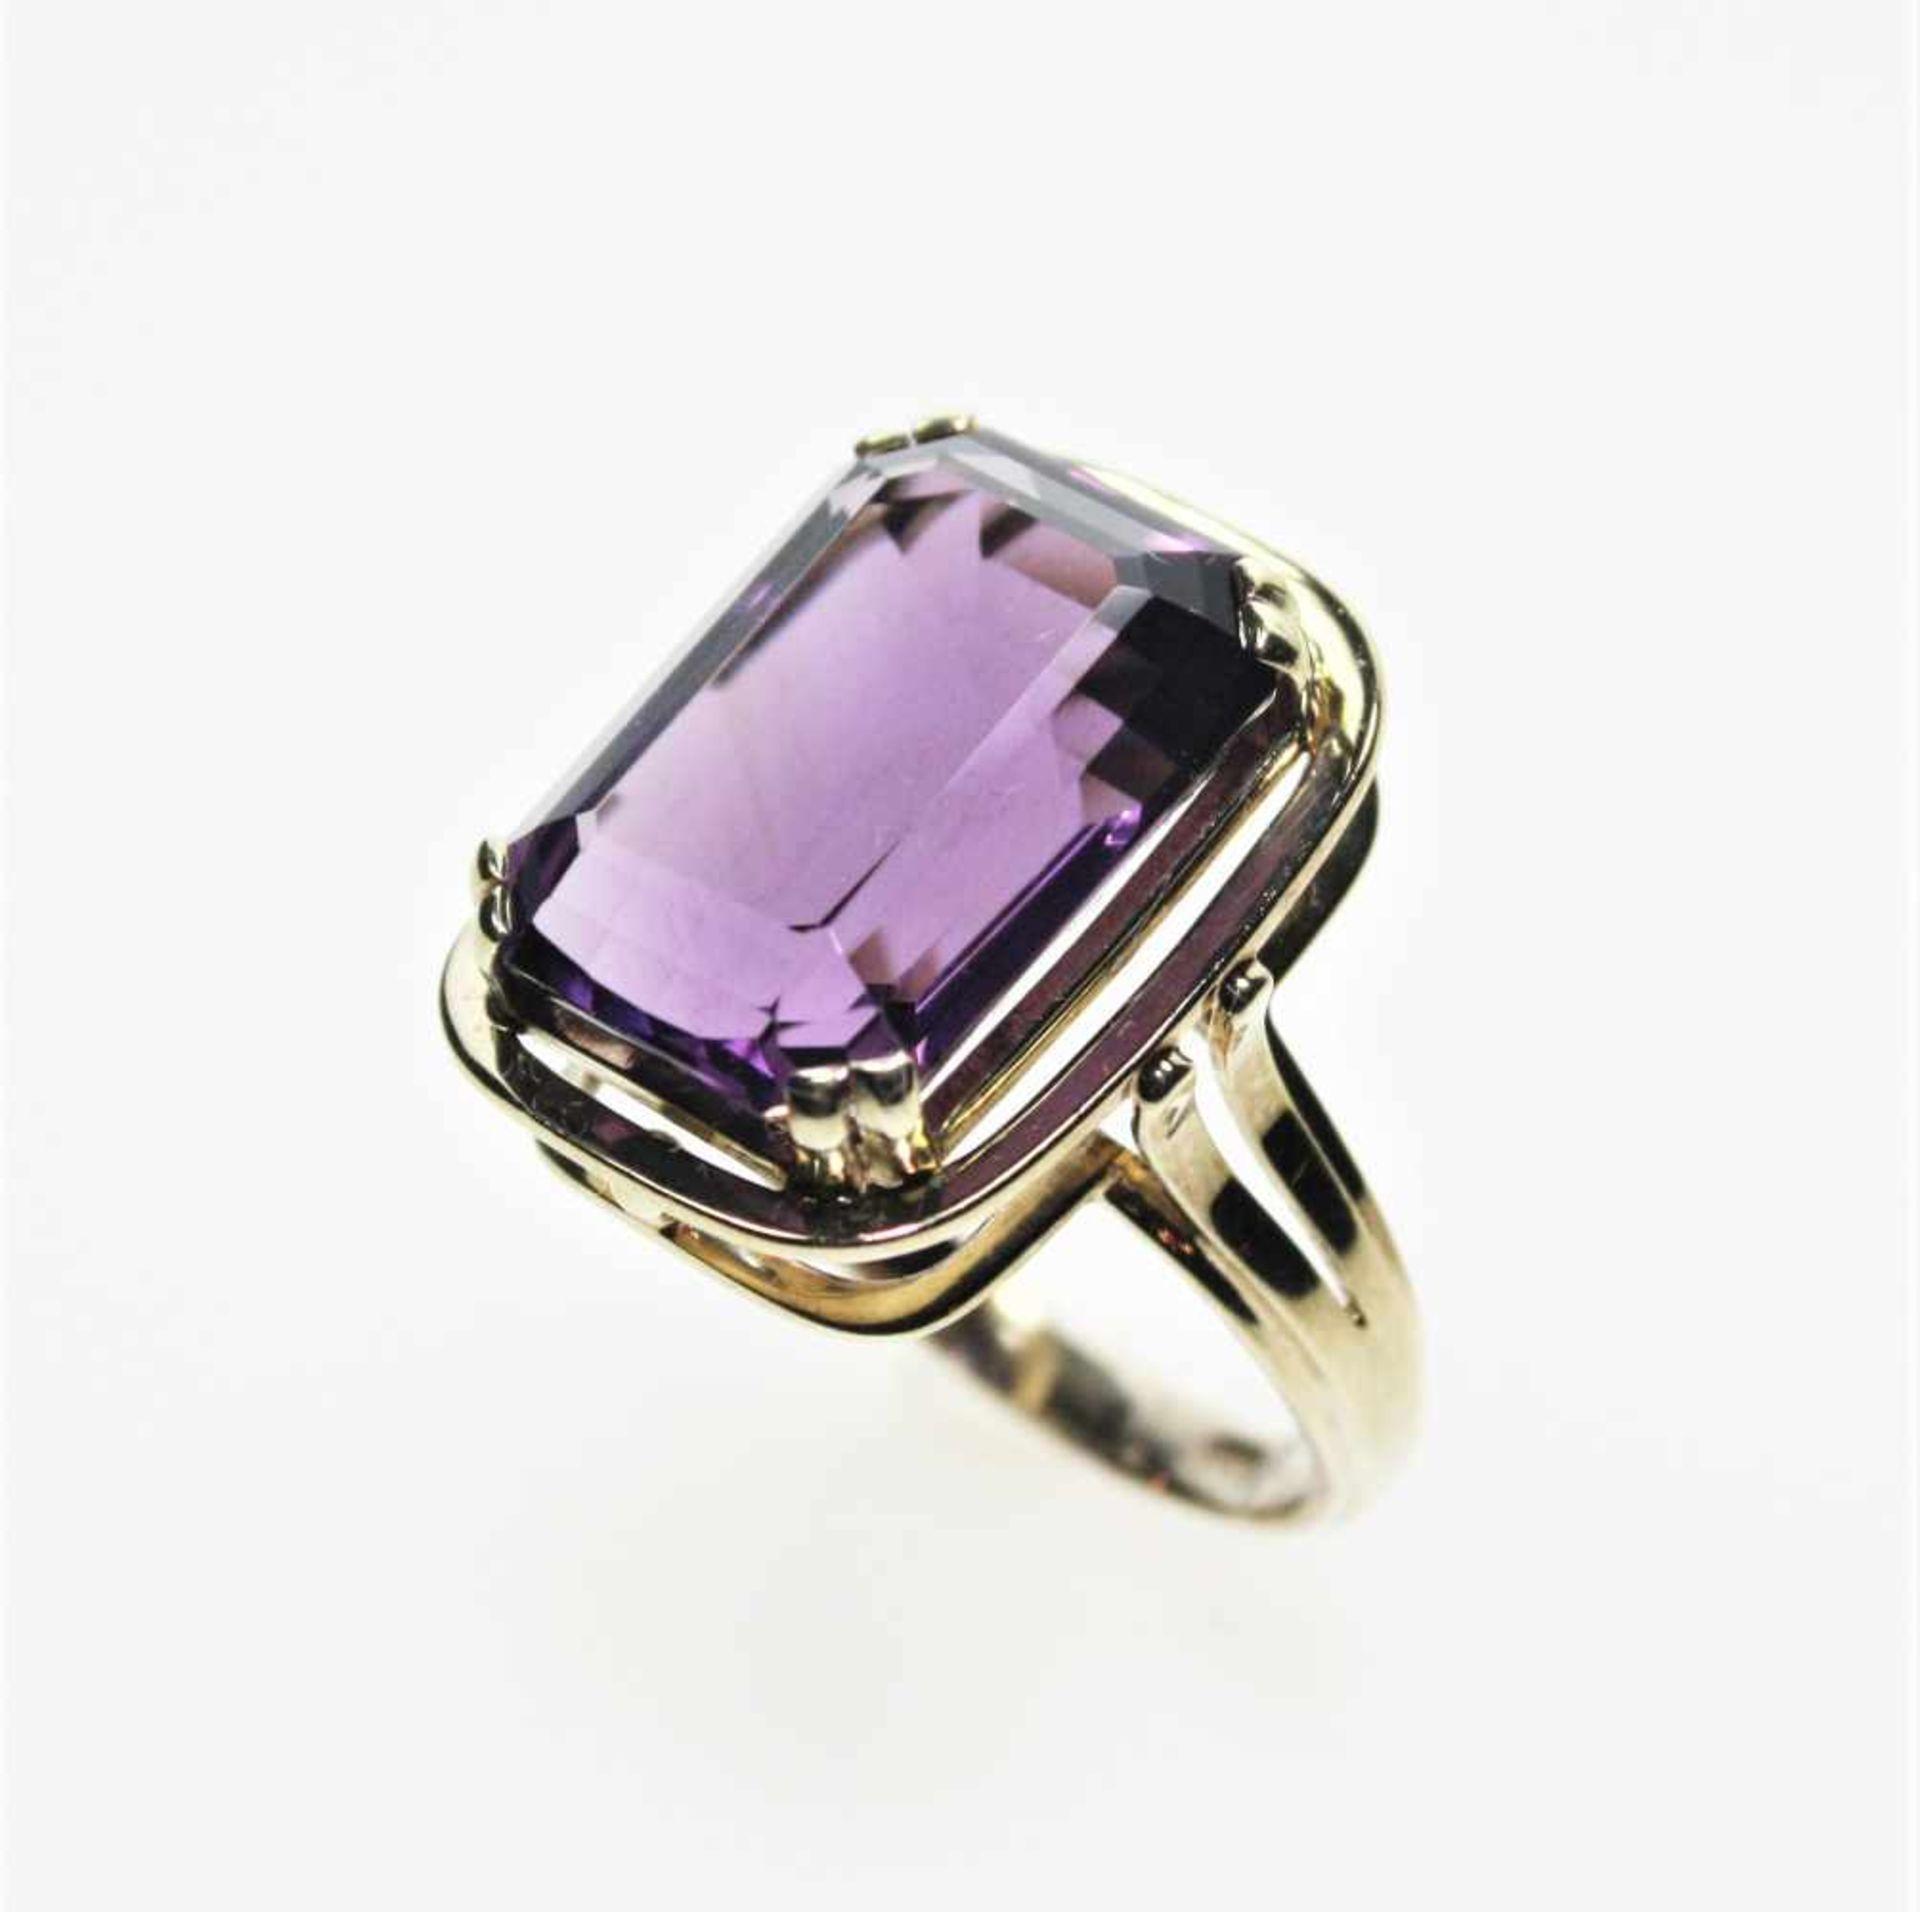 Los 23 - Goldener Ring 585/f gest. mit einem achteckigen Amethyst in kräftiger Farbe, Weite 19 ½.<b